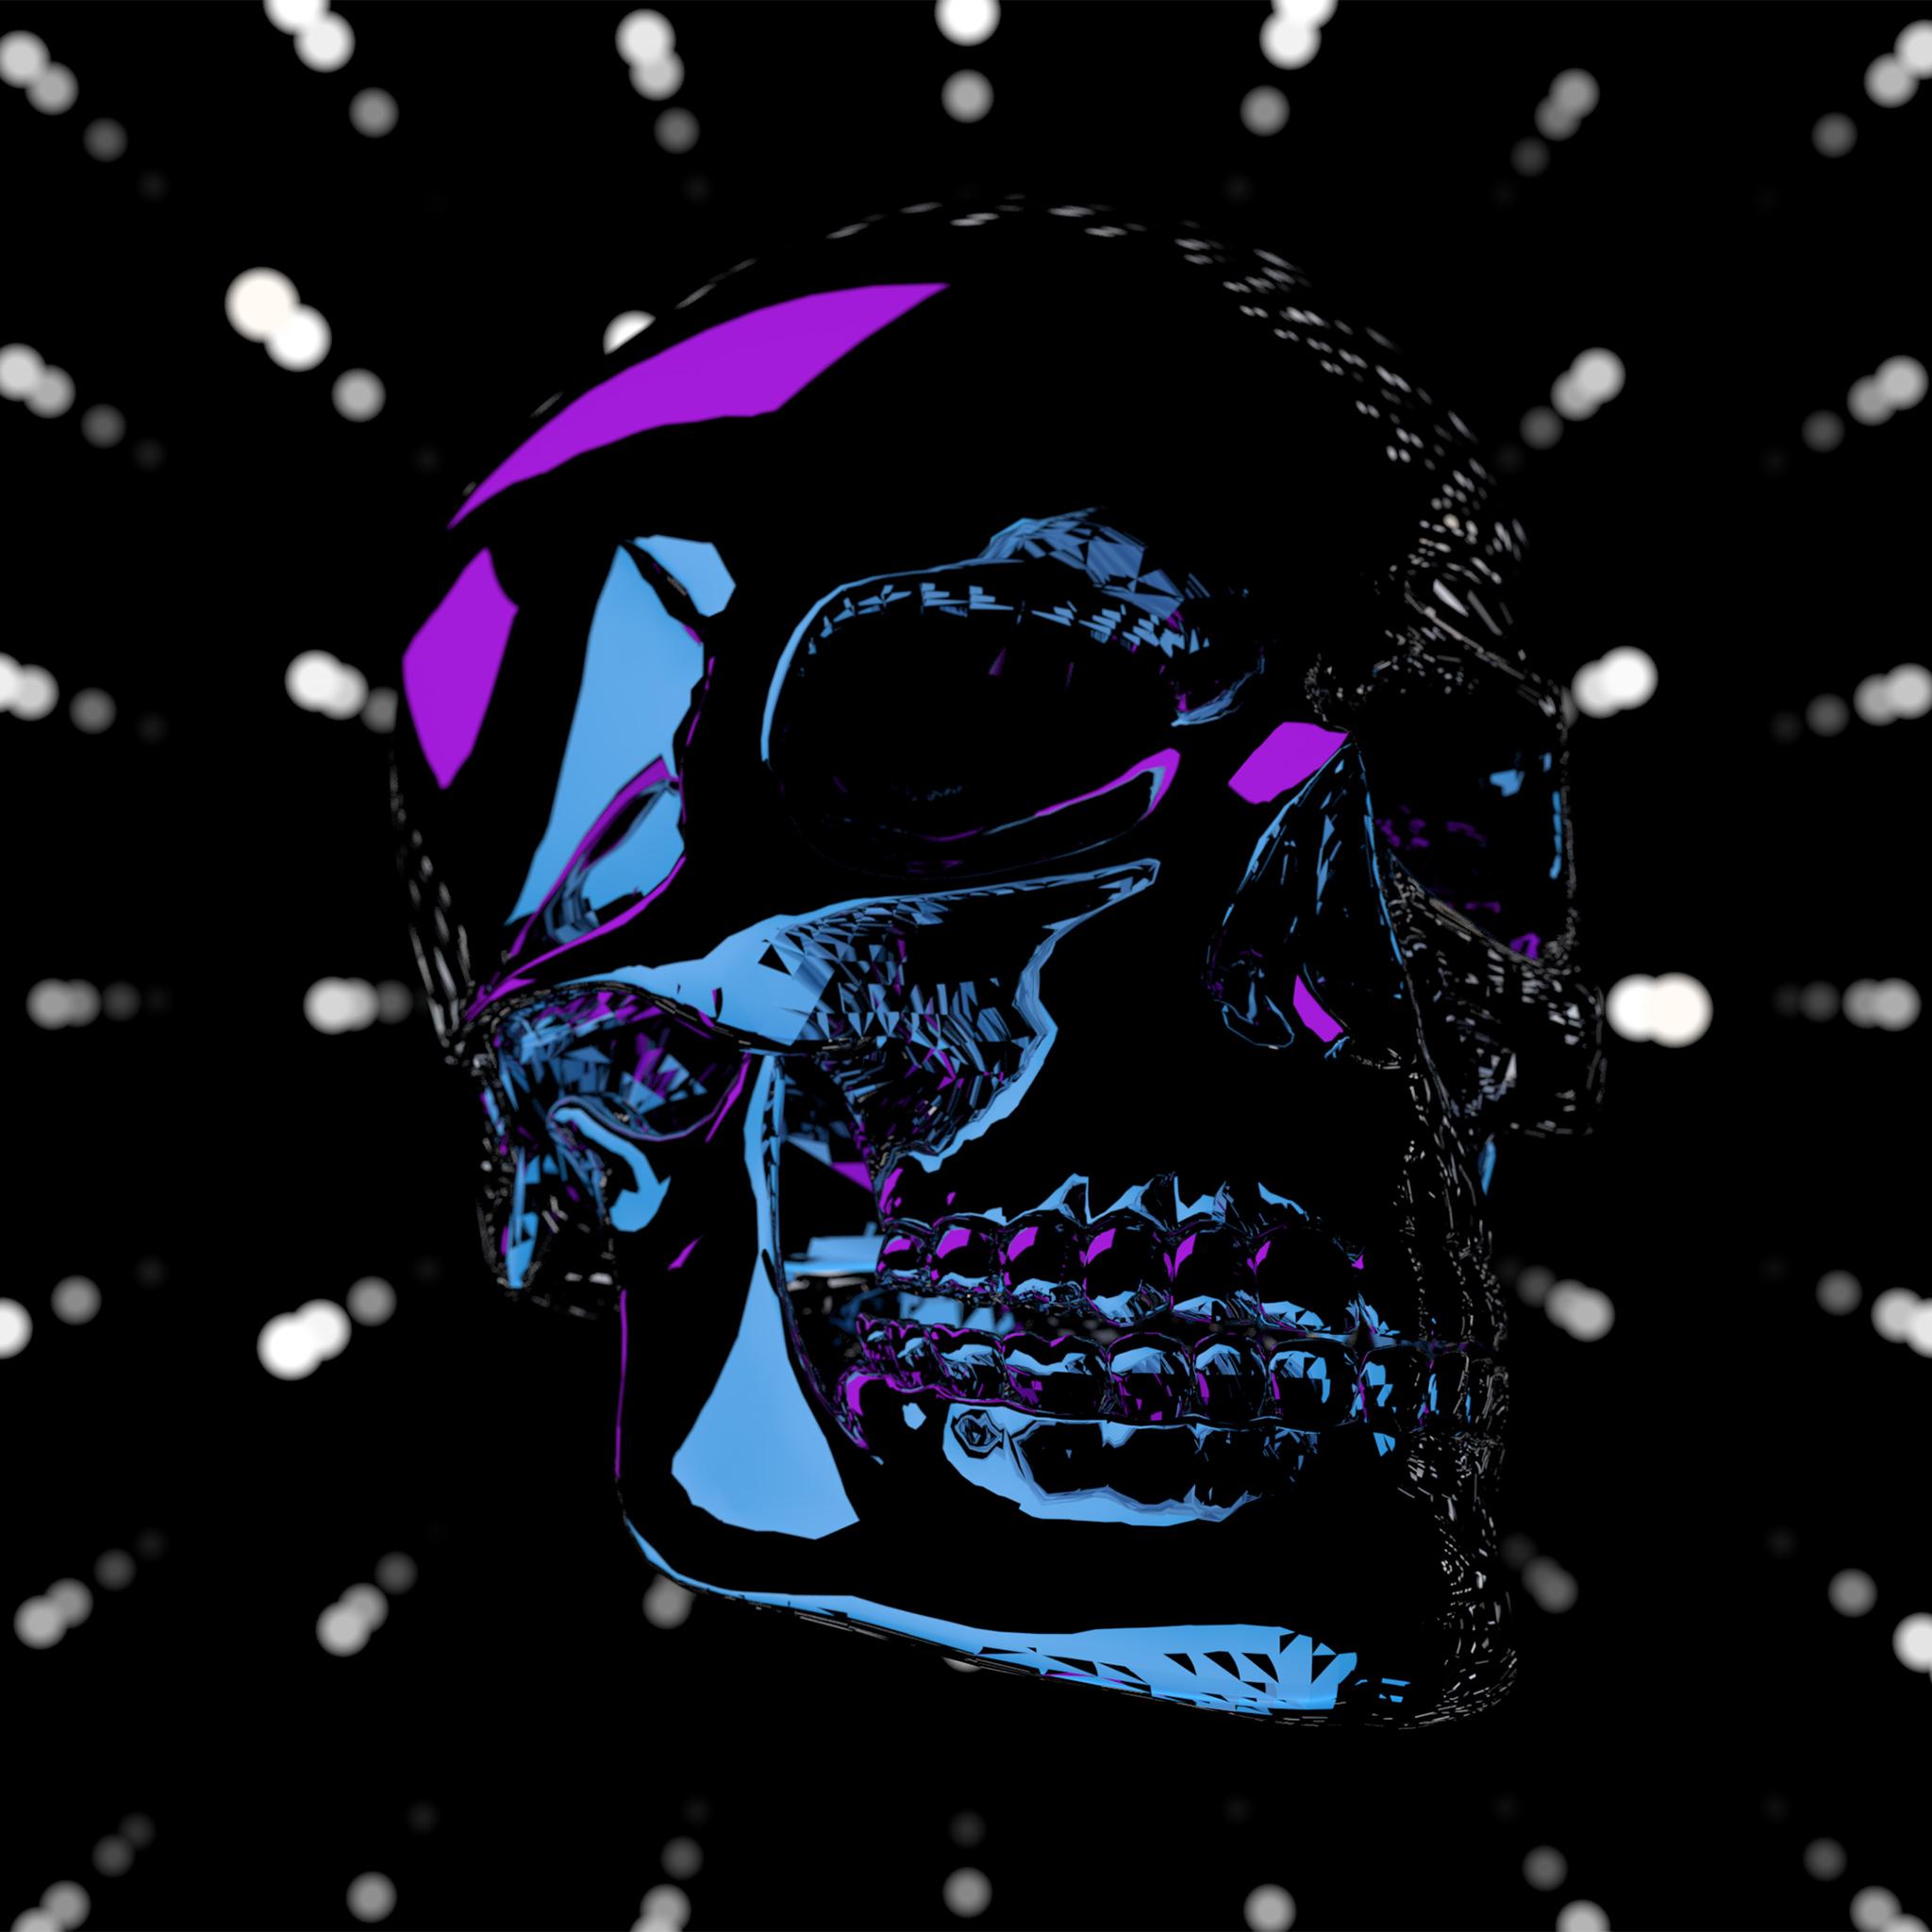 skull_nod_right_4k